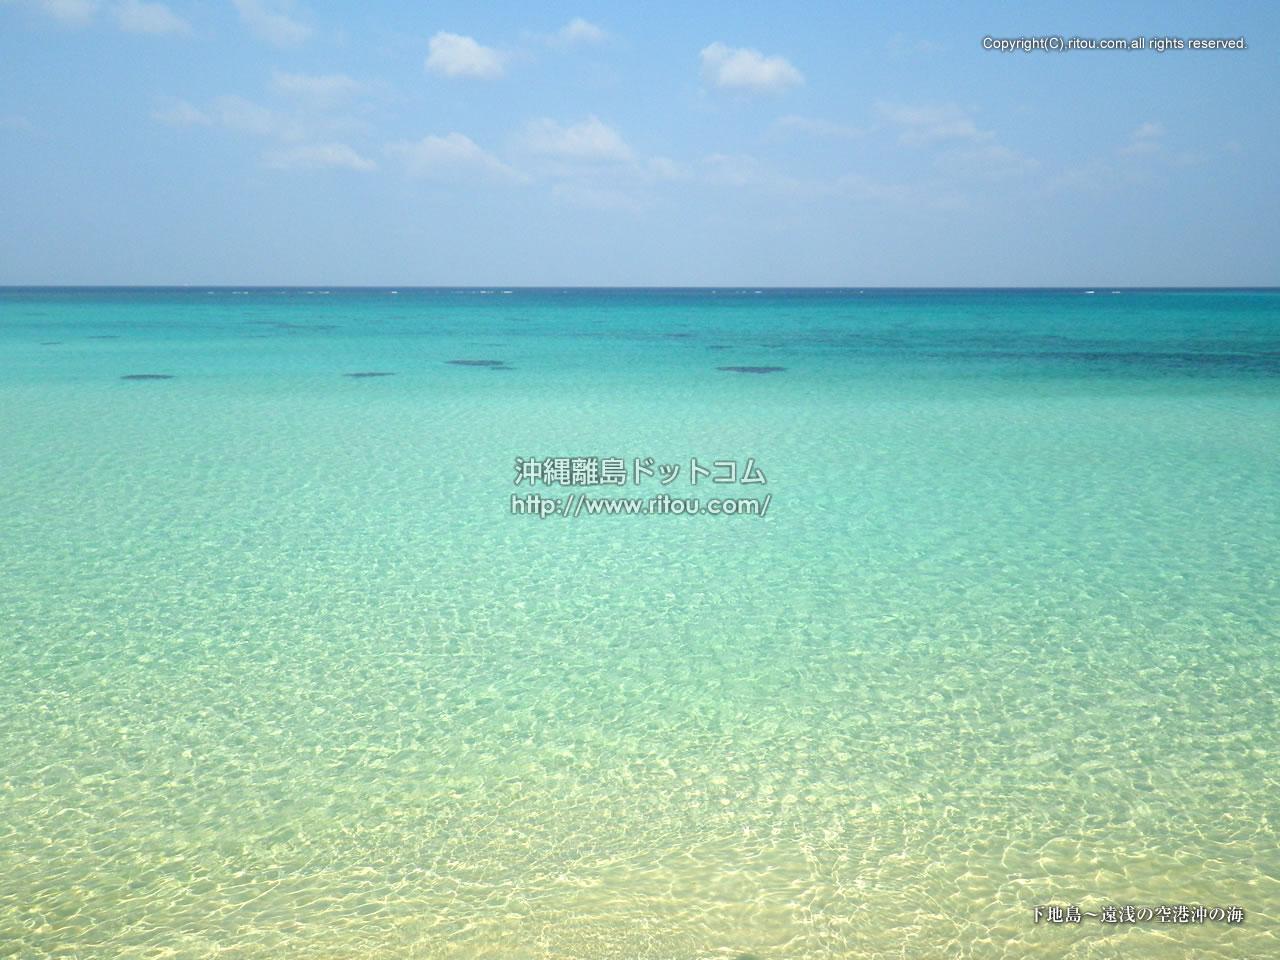 下地島〜遠浅の空港沖の海